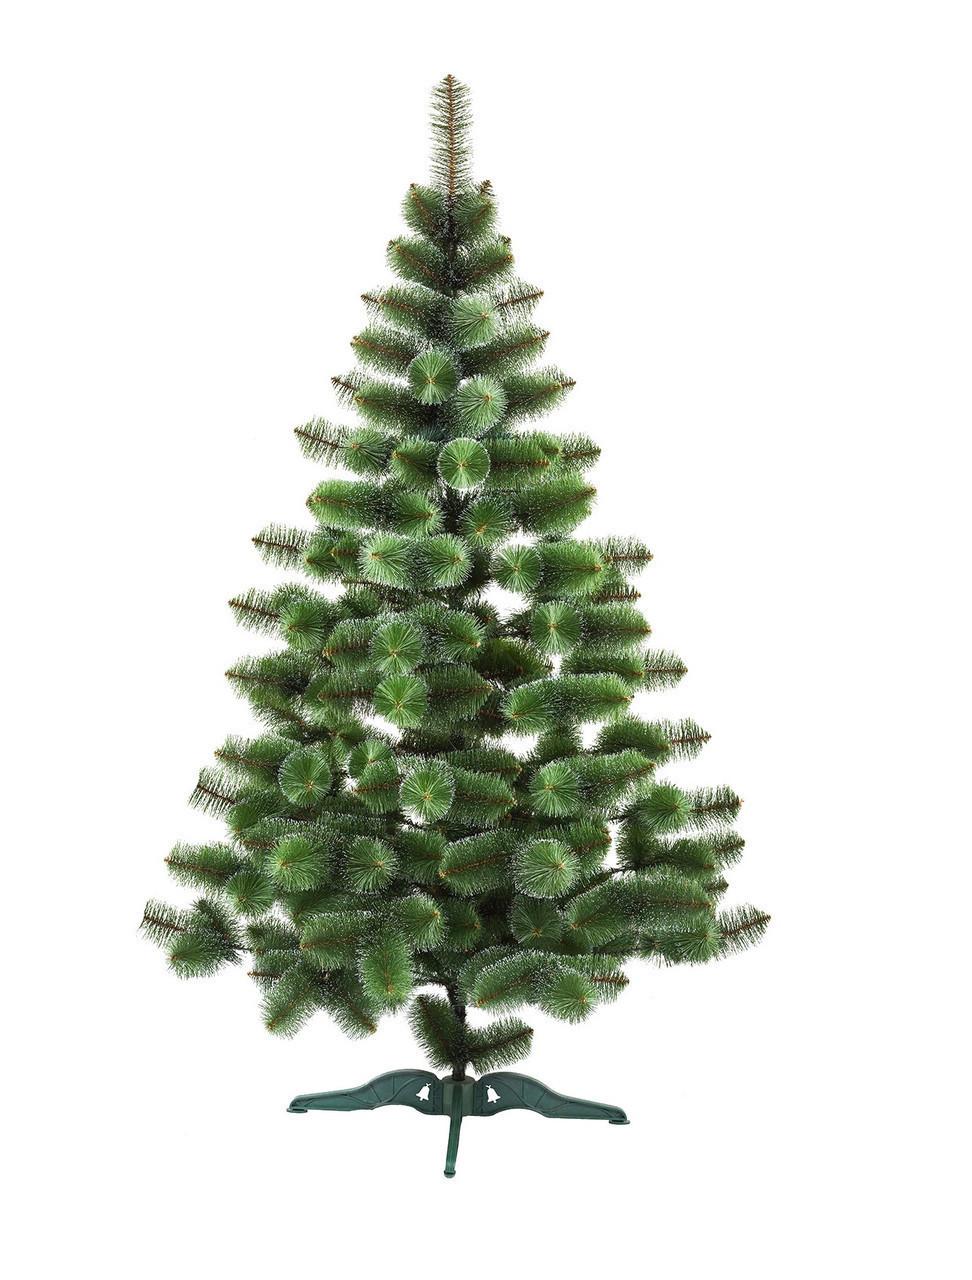 Сосна искусственная Bonita 2.1 м Новогодняя зеленая с белыми кончиками СШ-З-БК-2,10